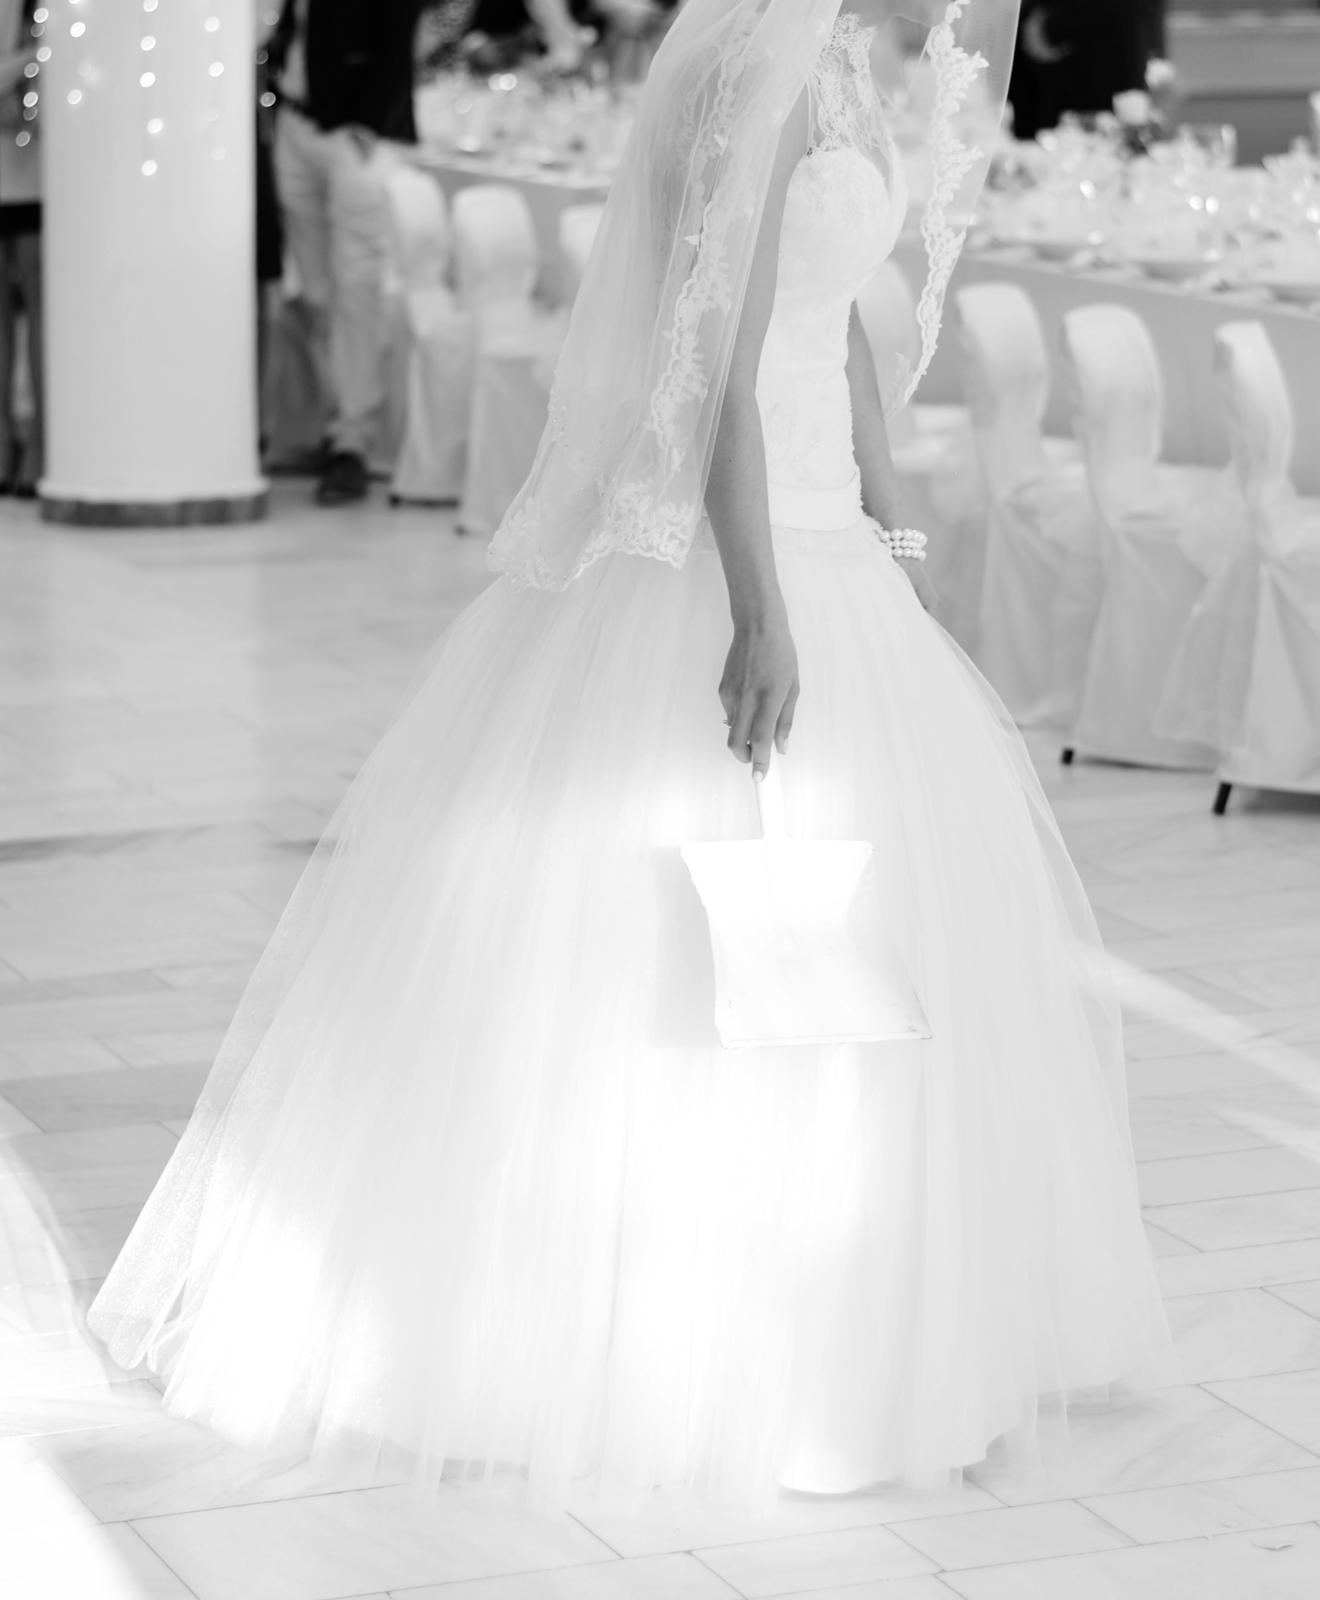 Svadobné šaty čipka a tyl (34-36) - Obrázok č. 3